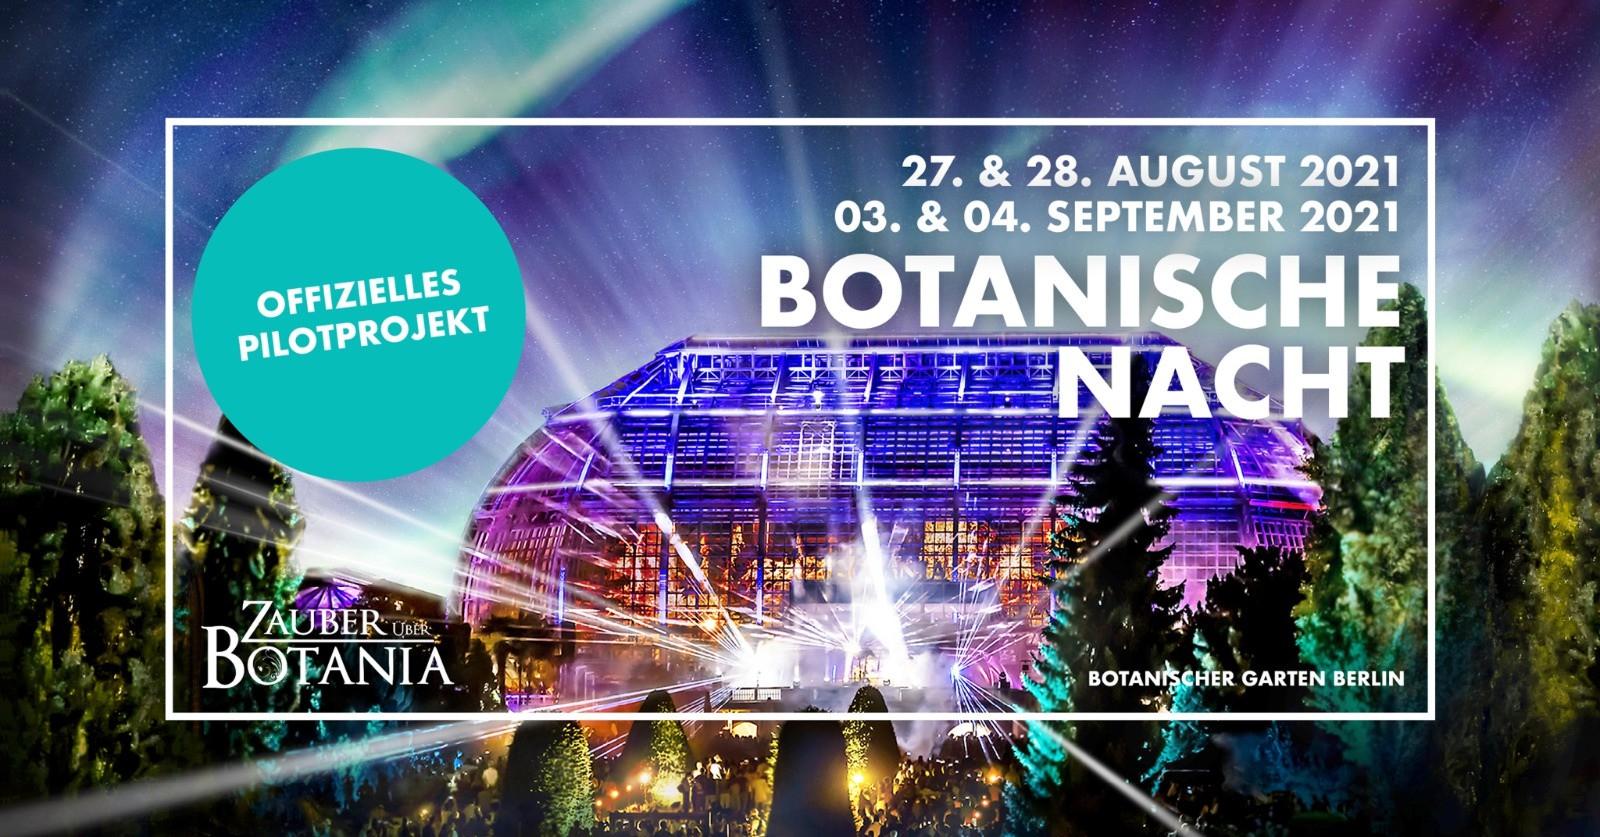 Botanische Nacht, Botanischer Garten, Botanisches Museum